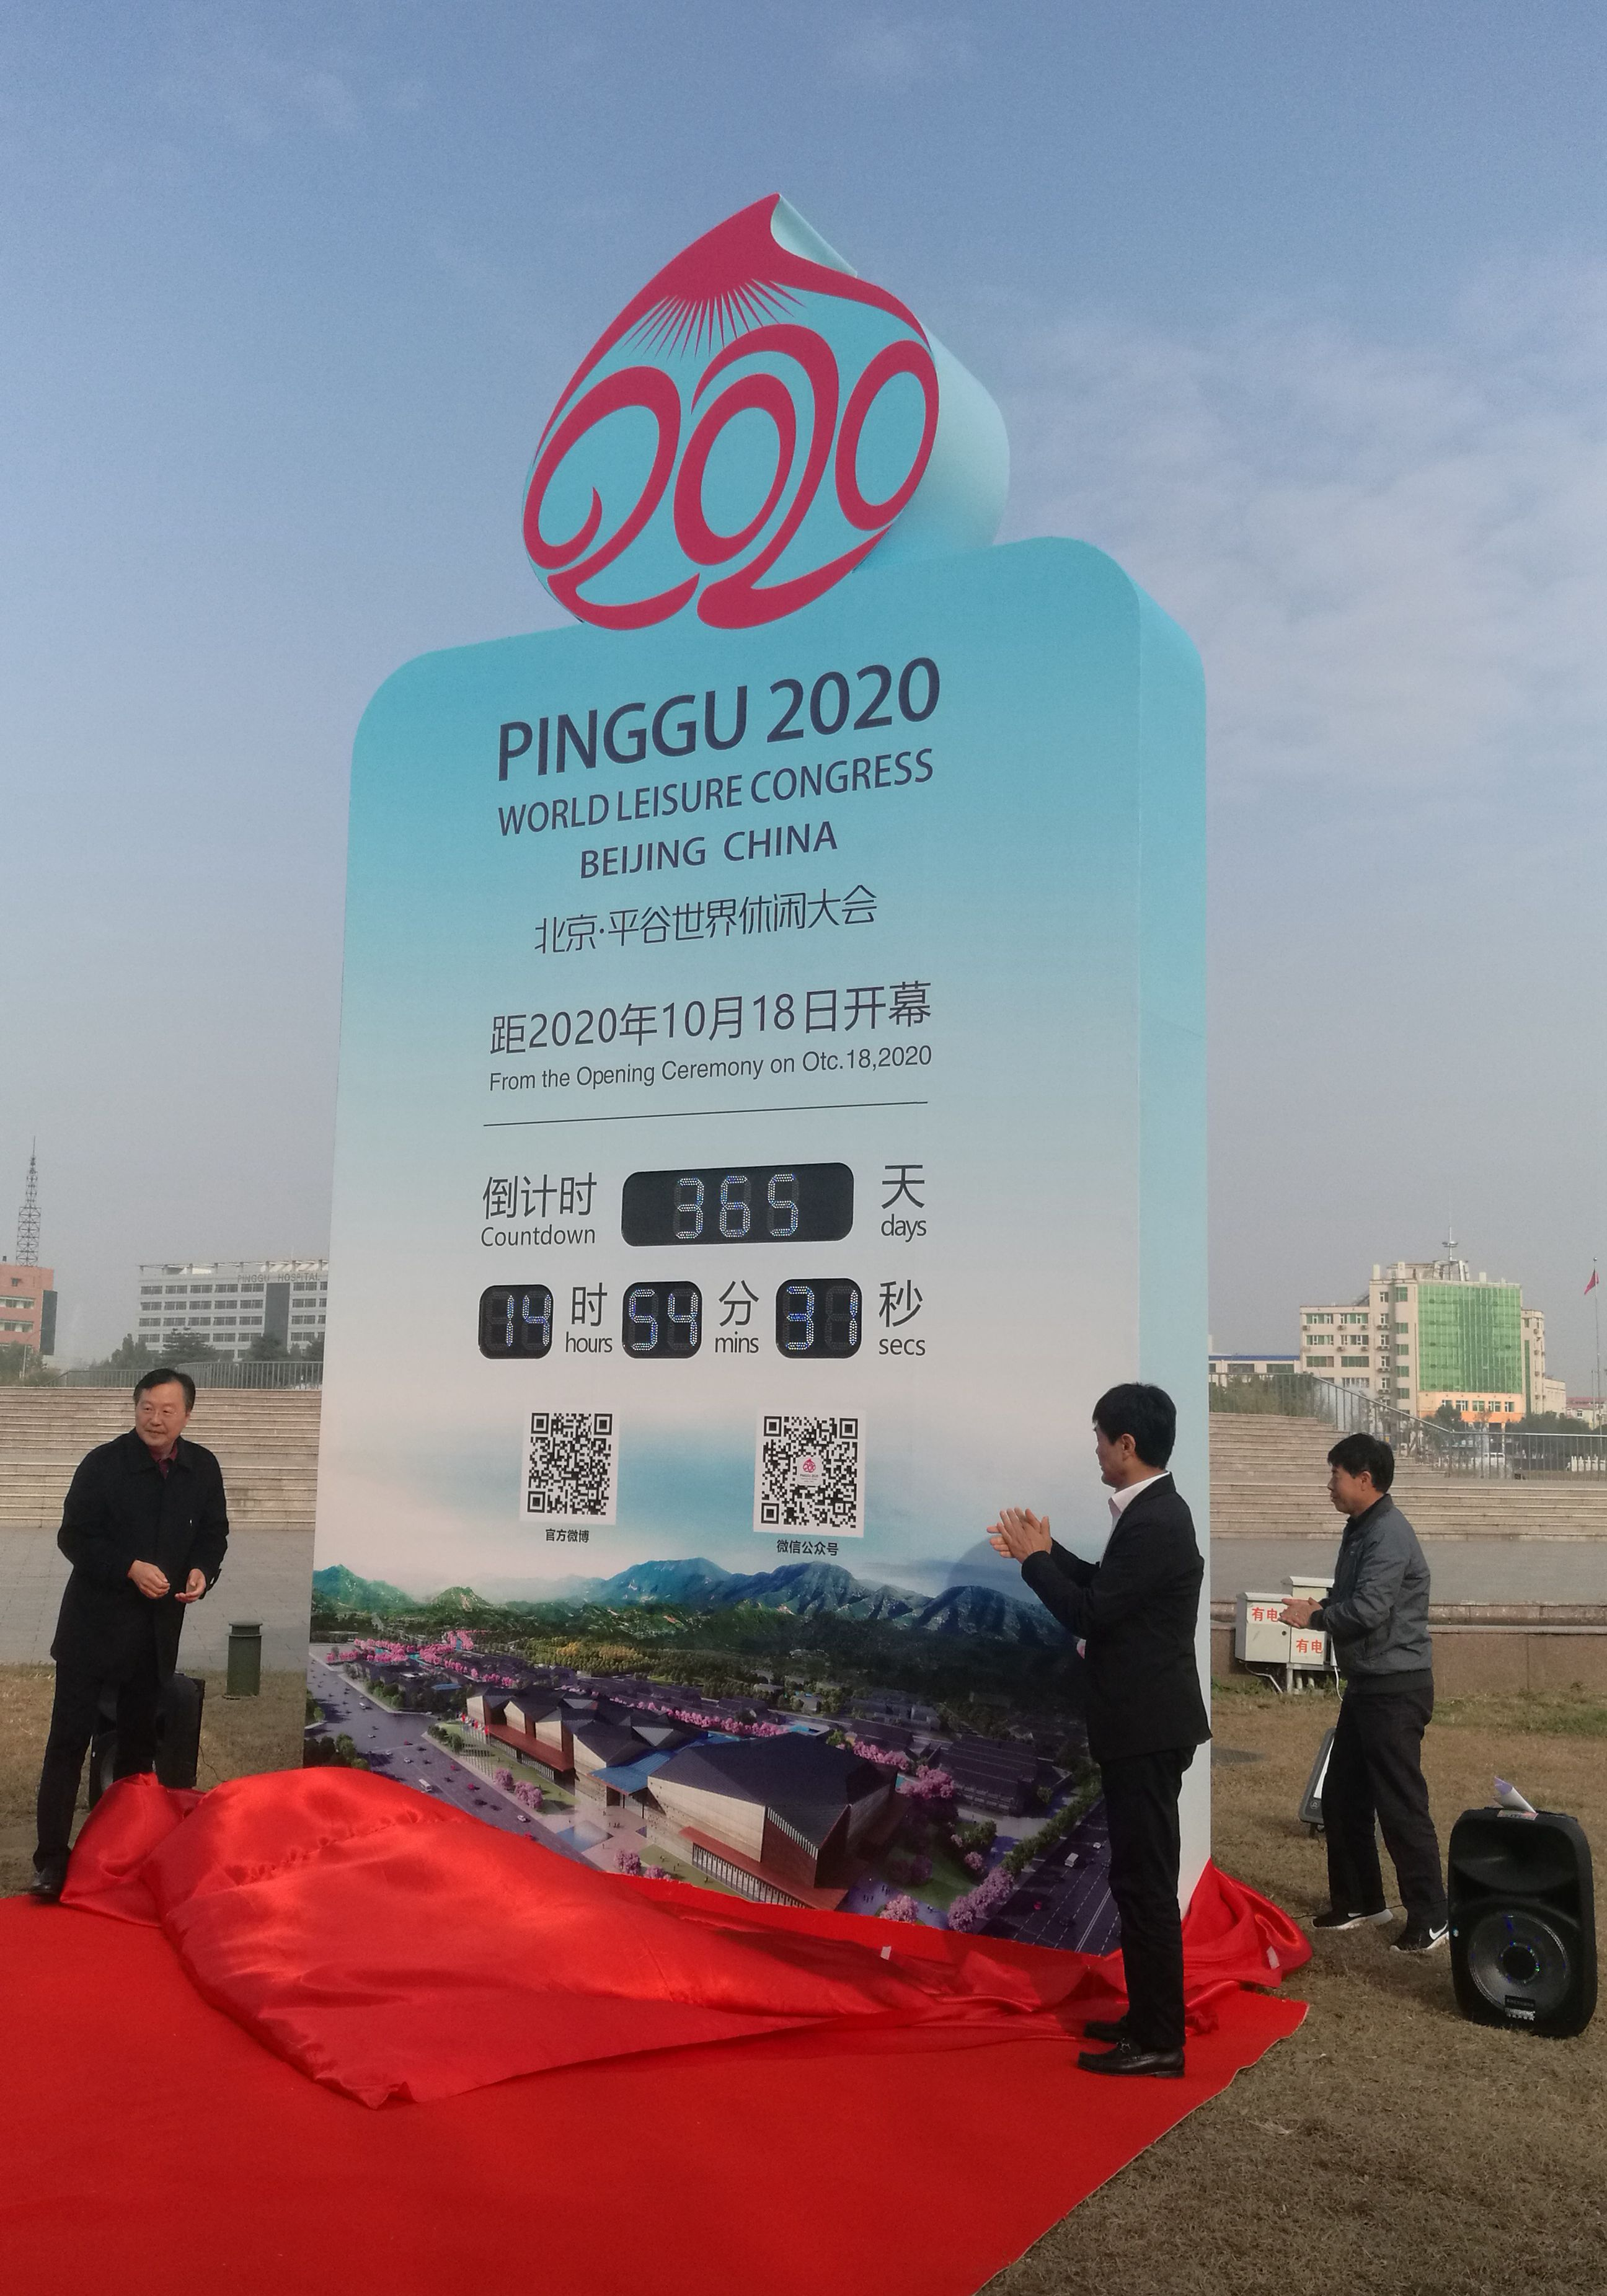 2020北京·平谷世界休闲大会进入倒计时一周年